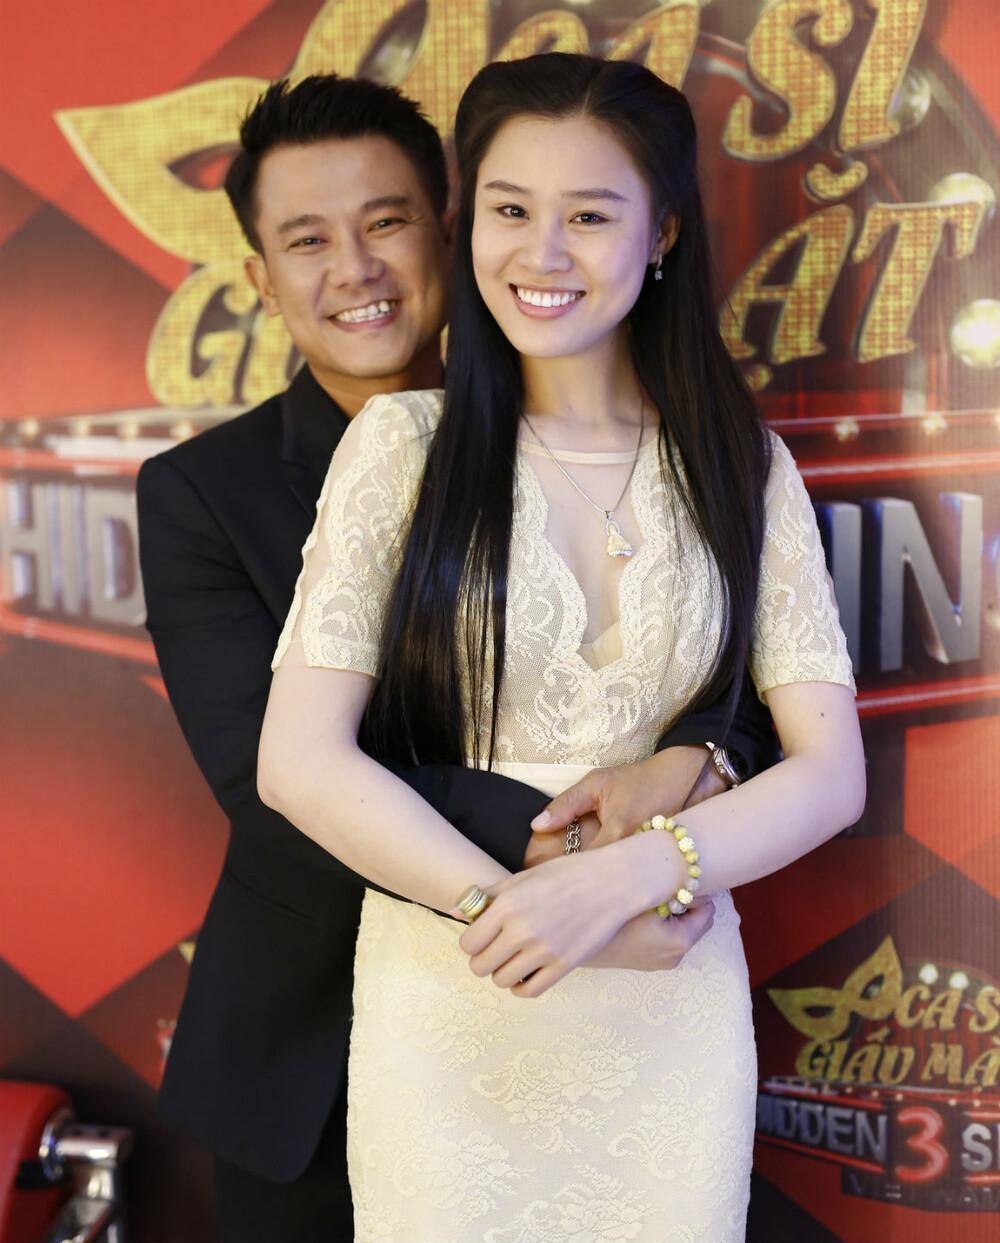 Con gái Vân Quang Long quấy khóc đòi đi tìm ba nửa đêm, vợ trẻ nghẹn ngào: 'Mẹ biết tìm ba ở đâu' Ảnh 4